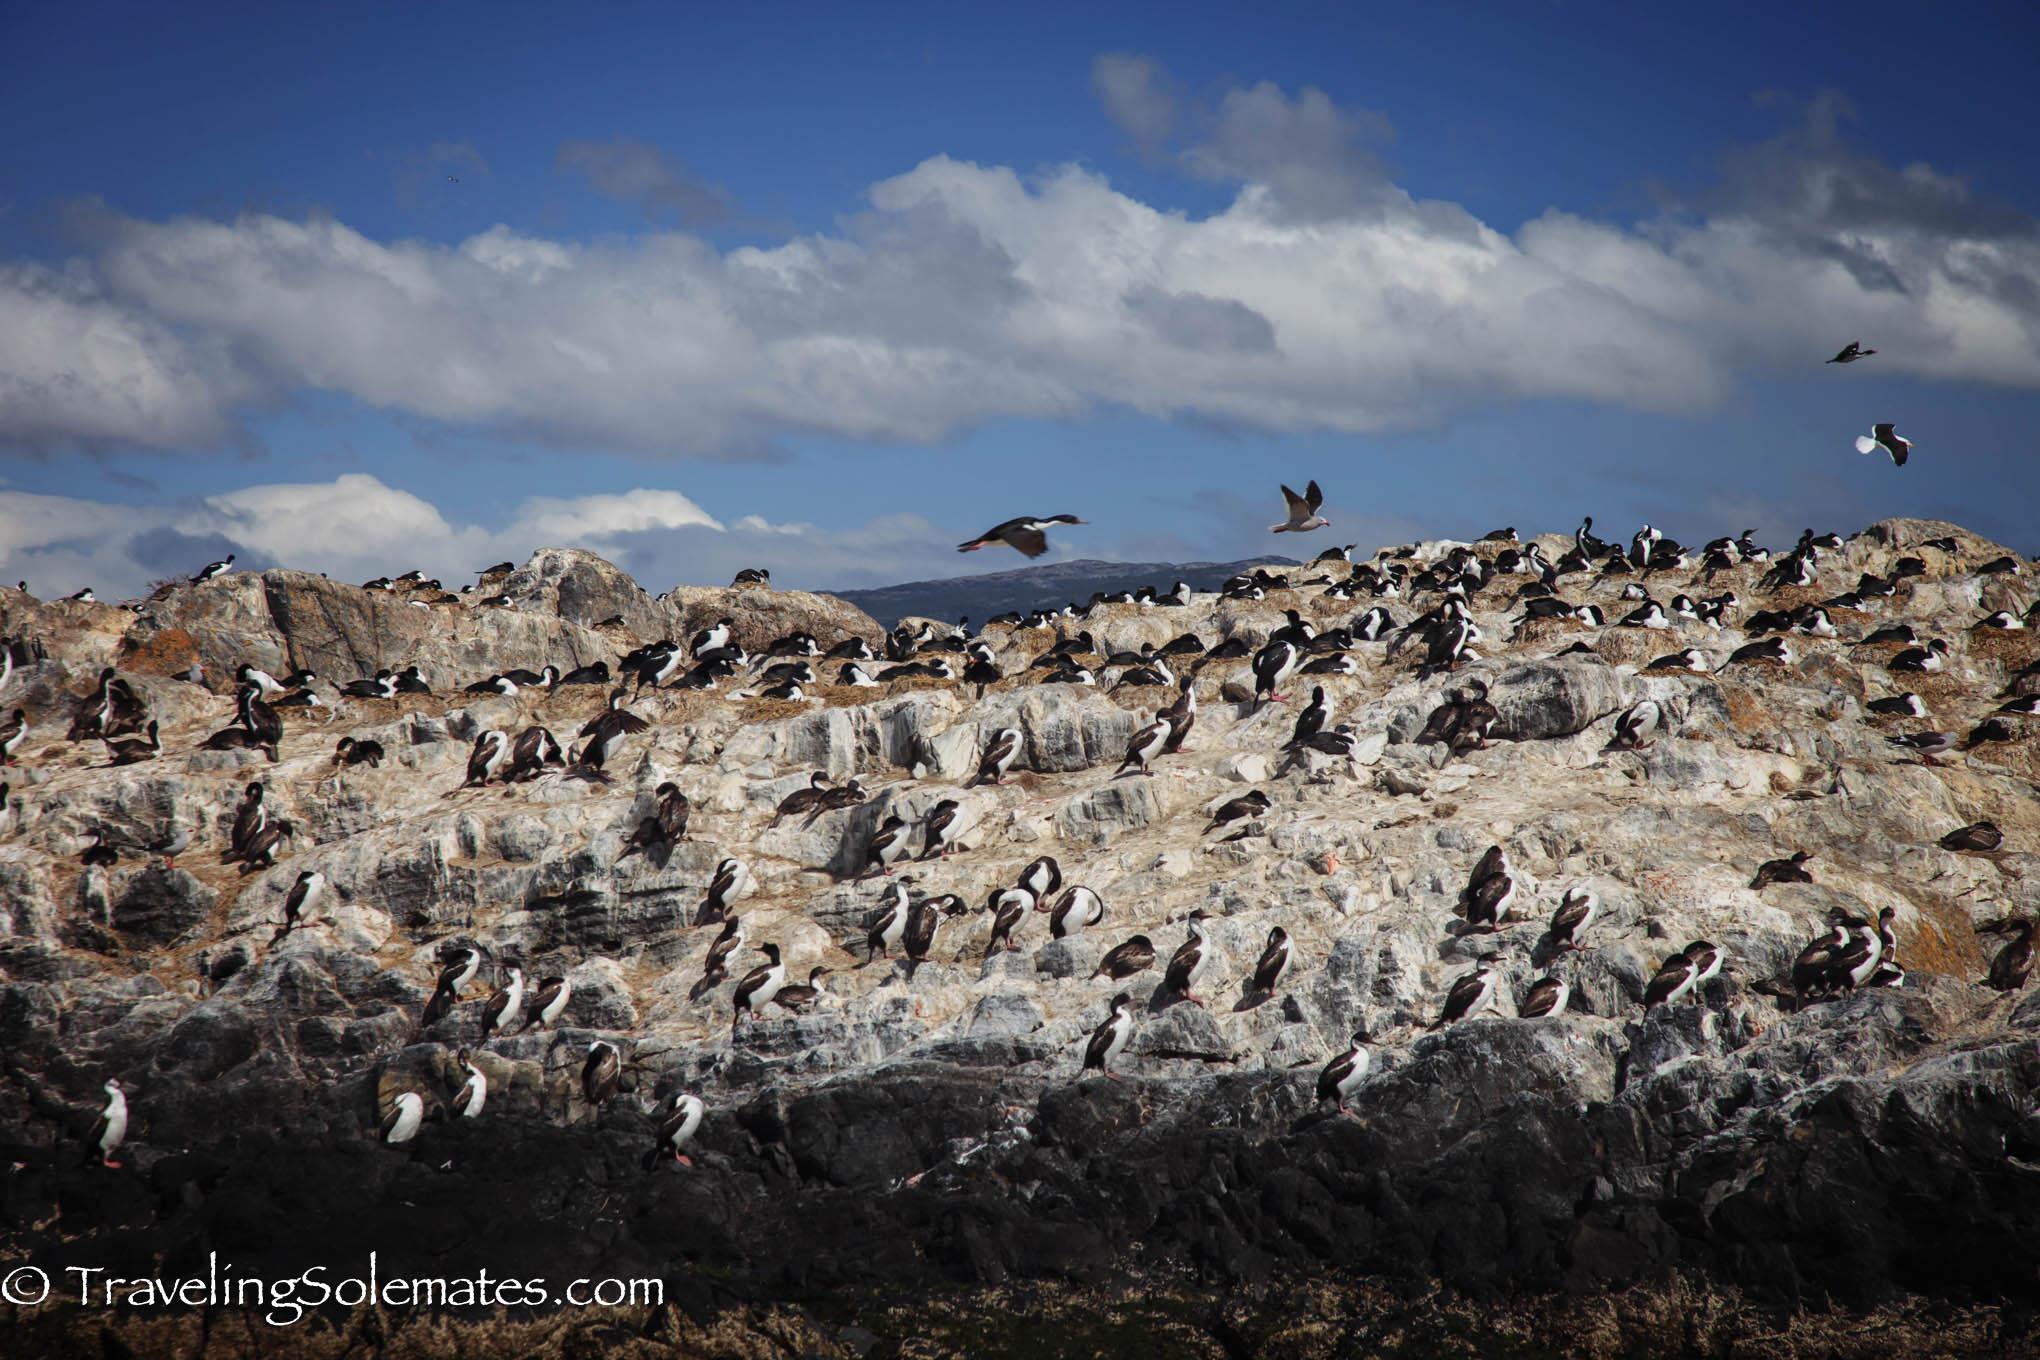 Bird colony in Beagle Channel, Tierra del Fuego, Argentina